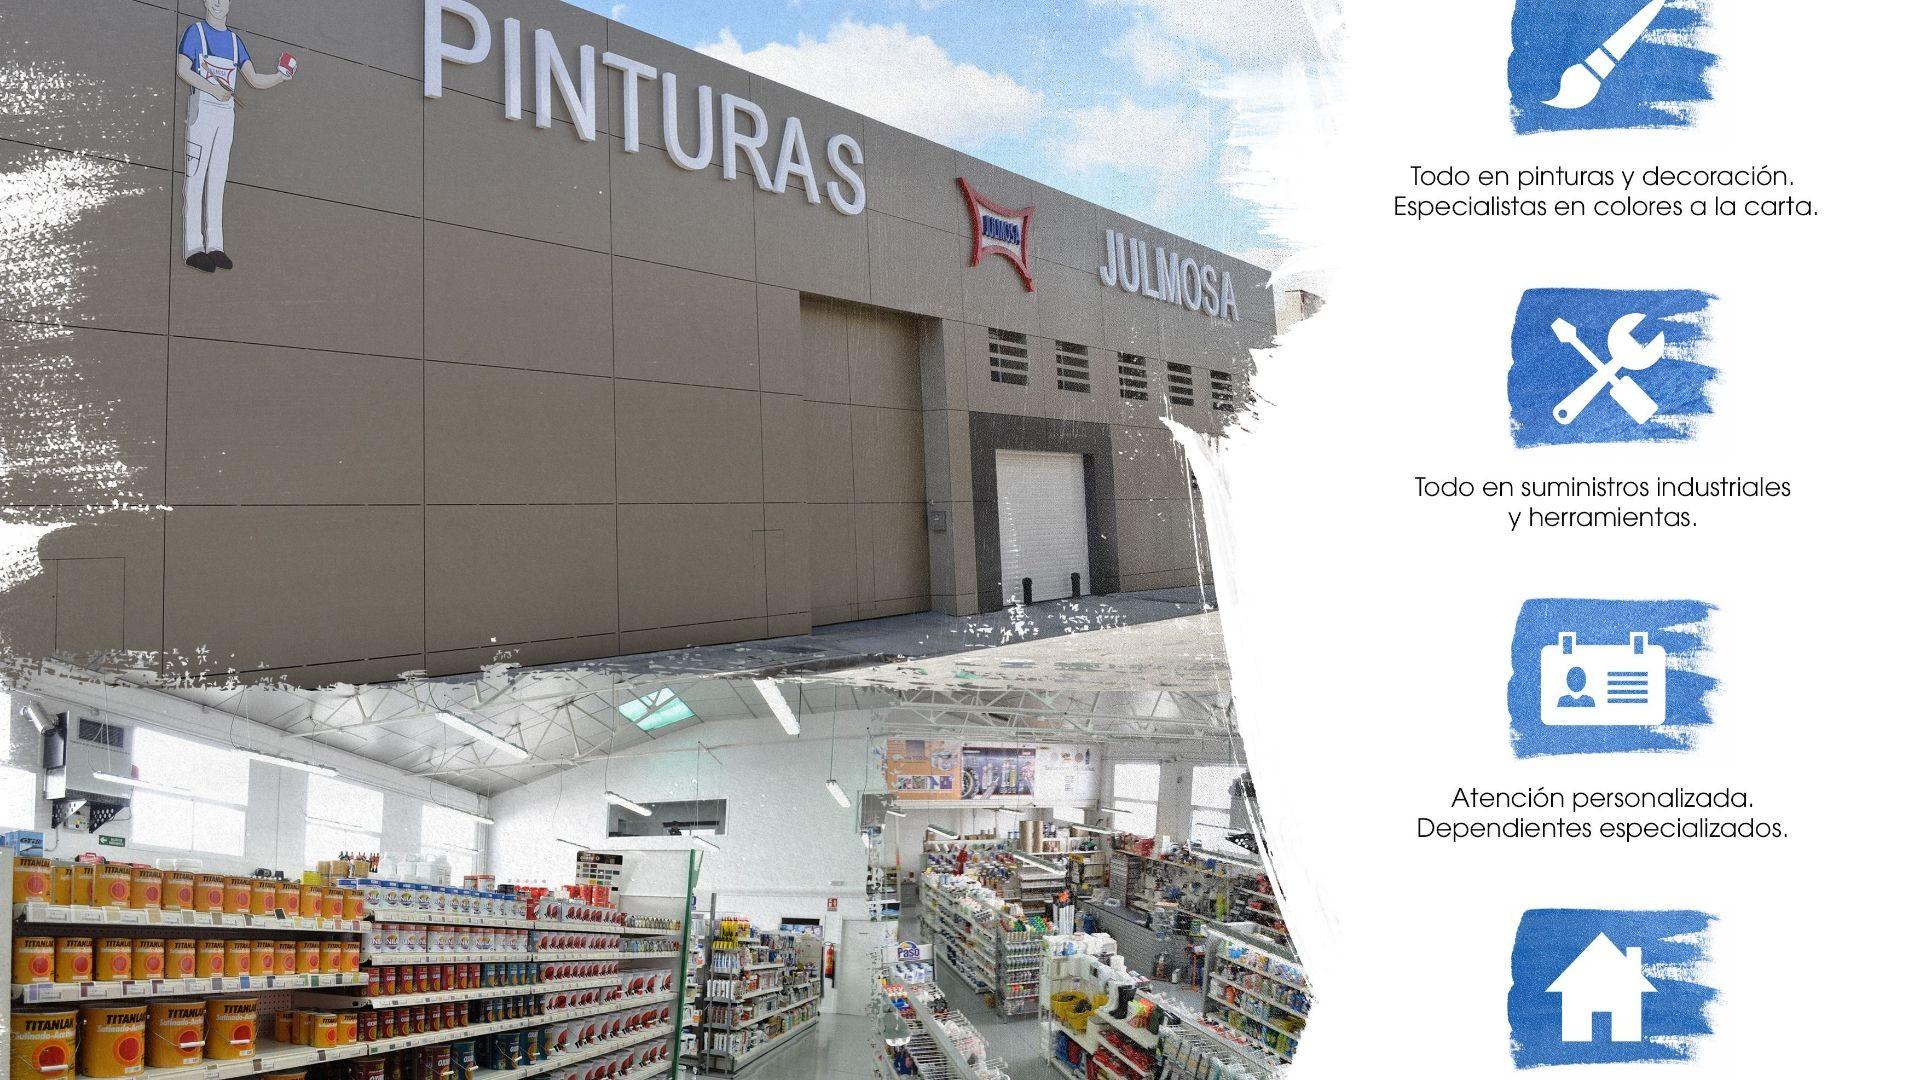 Tienda de pinturas en Fuenlabrada - Madrid